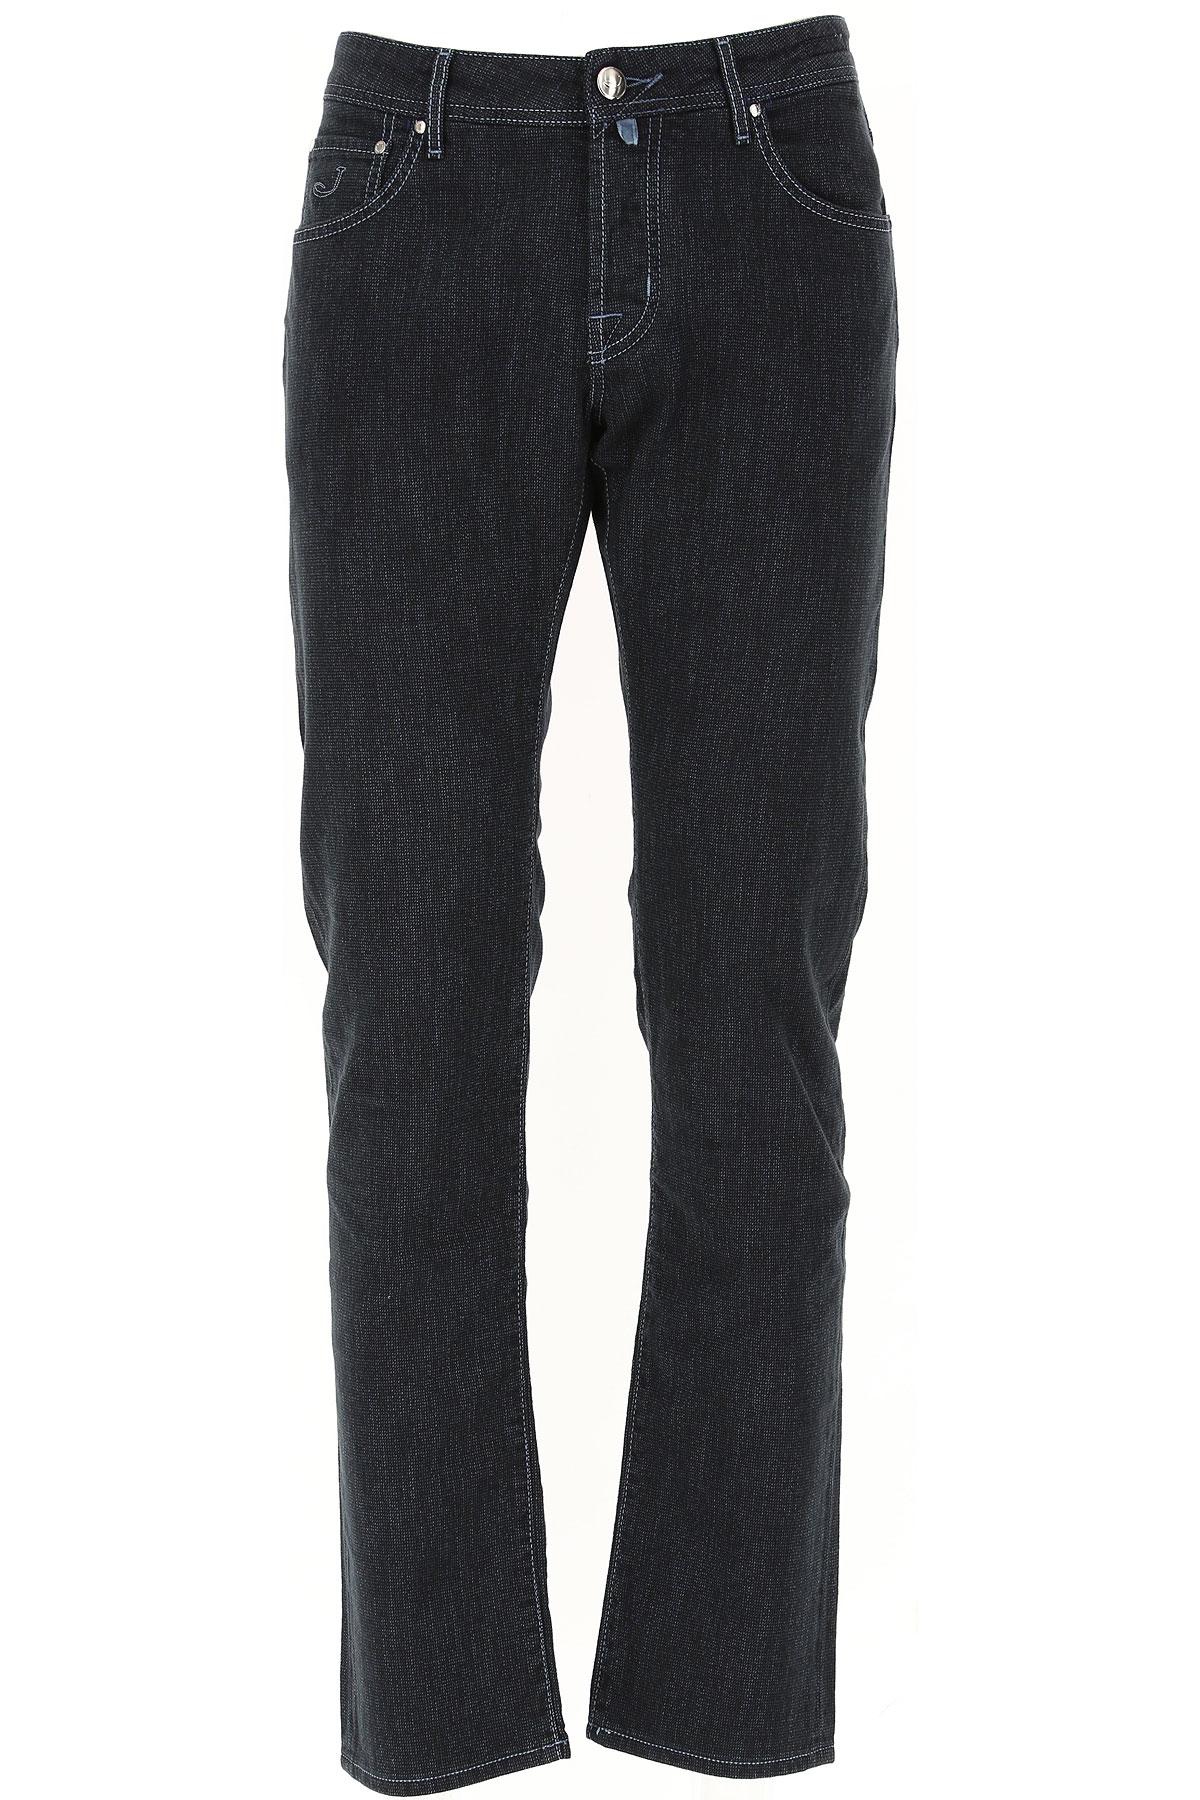 Jacob Cohen Jeans On Sale, Blue Dark, Cotton, 2019, 31 32 33 34 36 38